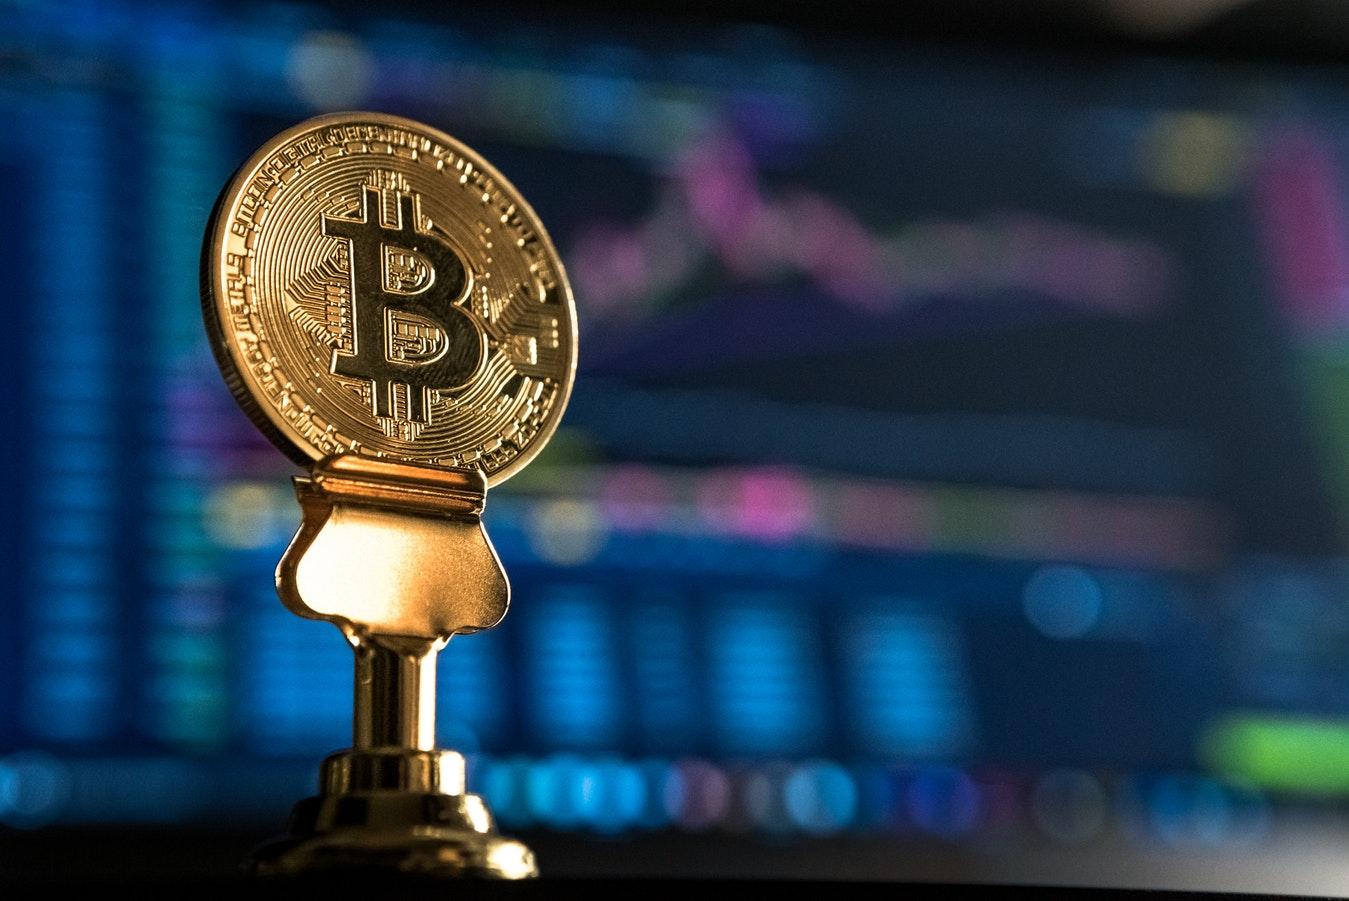 commercio itunes per bitcoin)